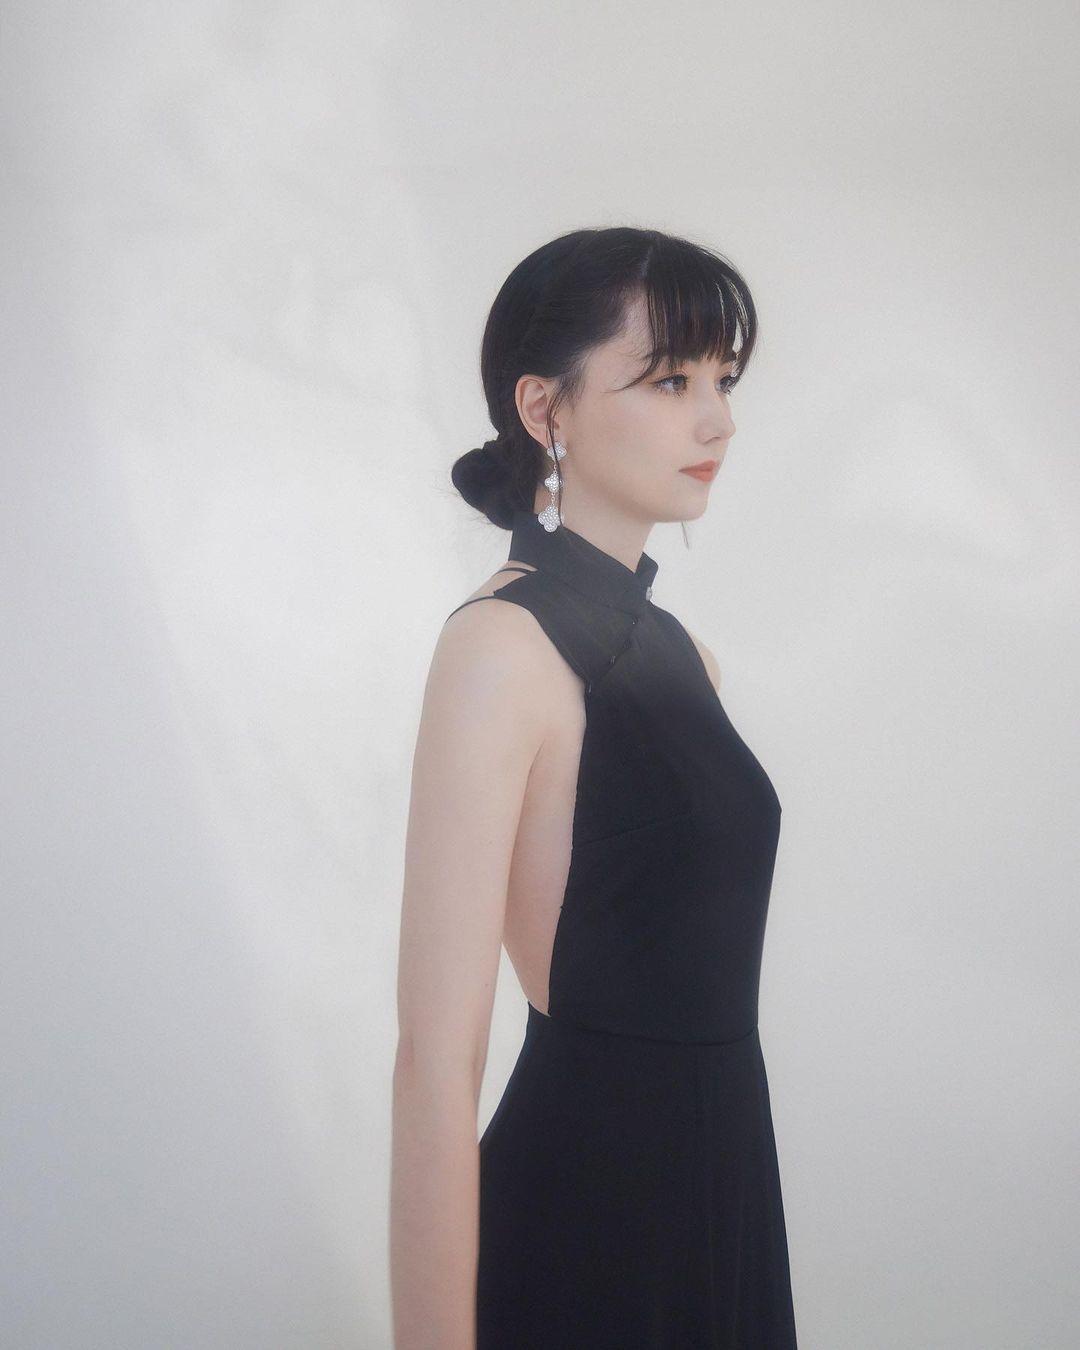 围棋女神黑嘉嘉金马奖绝美造型超优雅 养眼图片 第1张